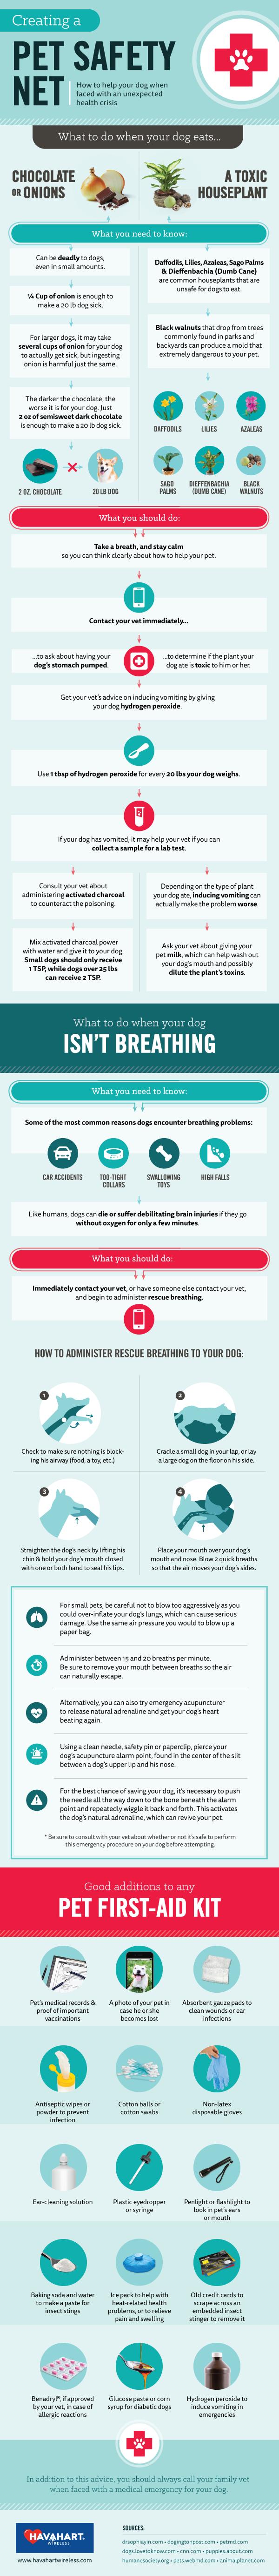 Pet Safety Net